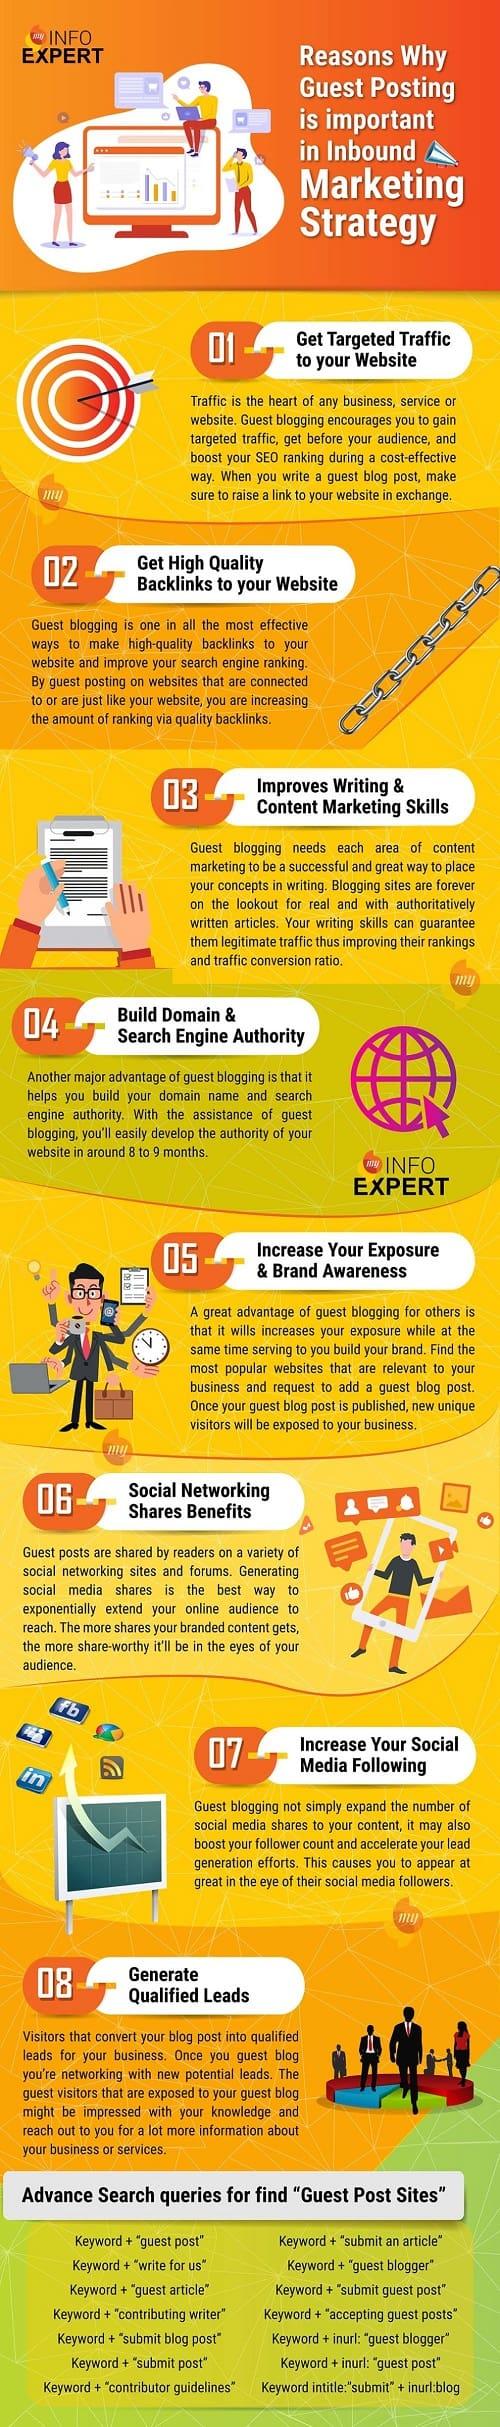 Por qué es importante hacer guest posting #infografía